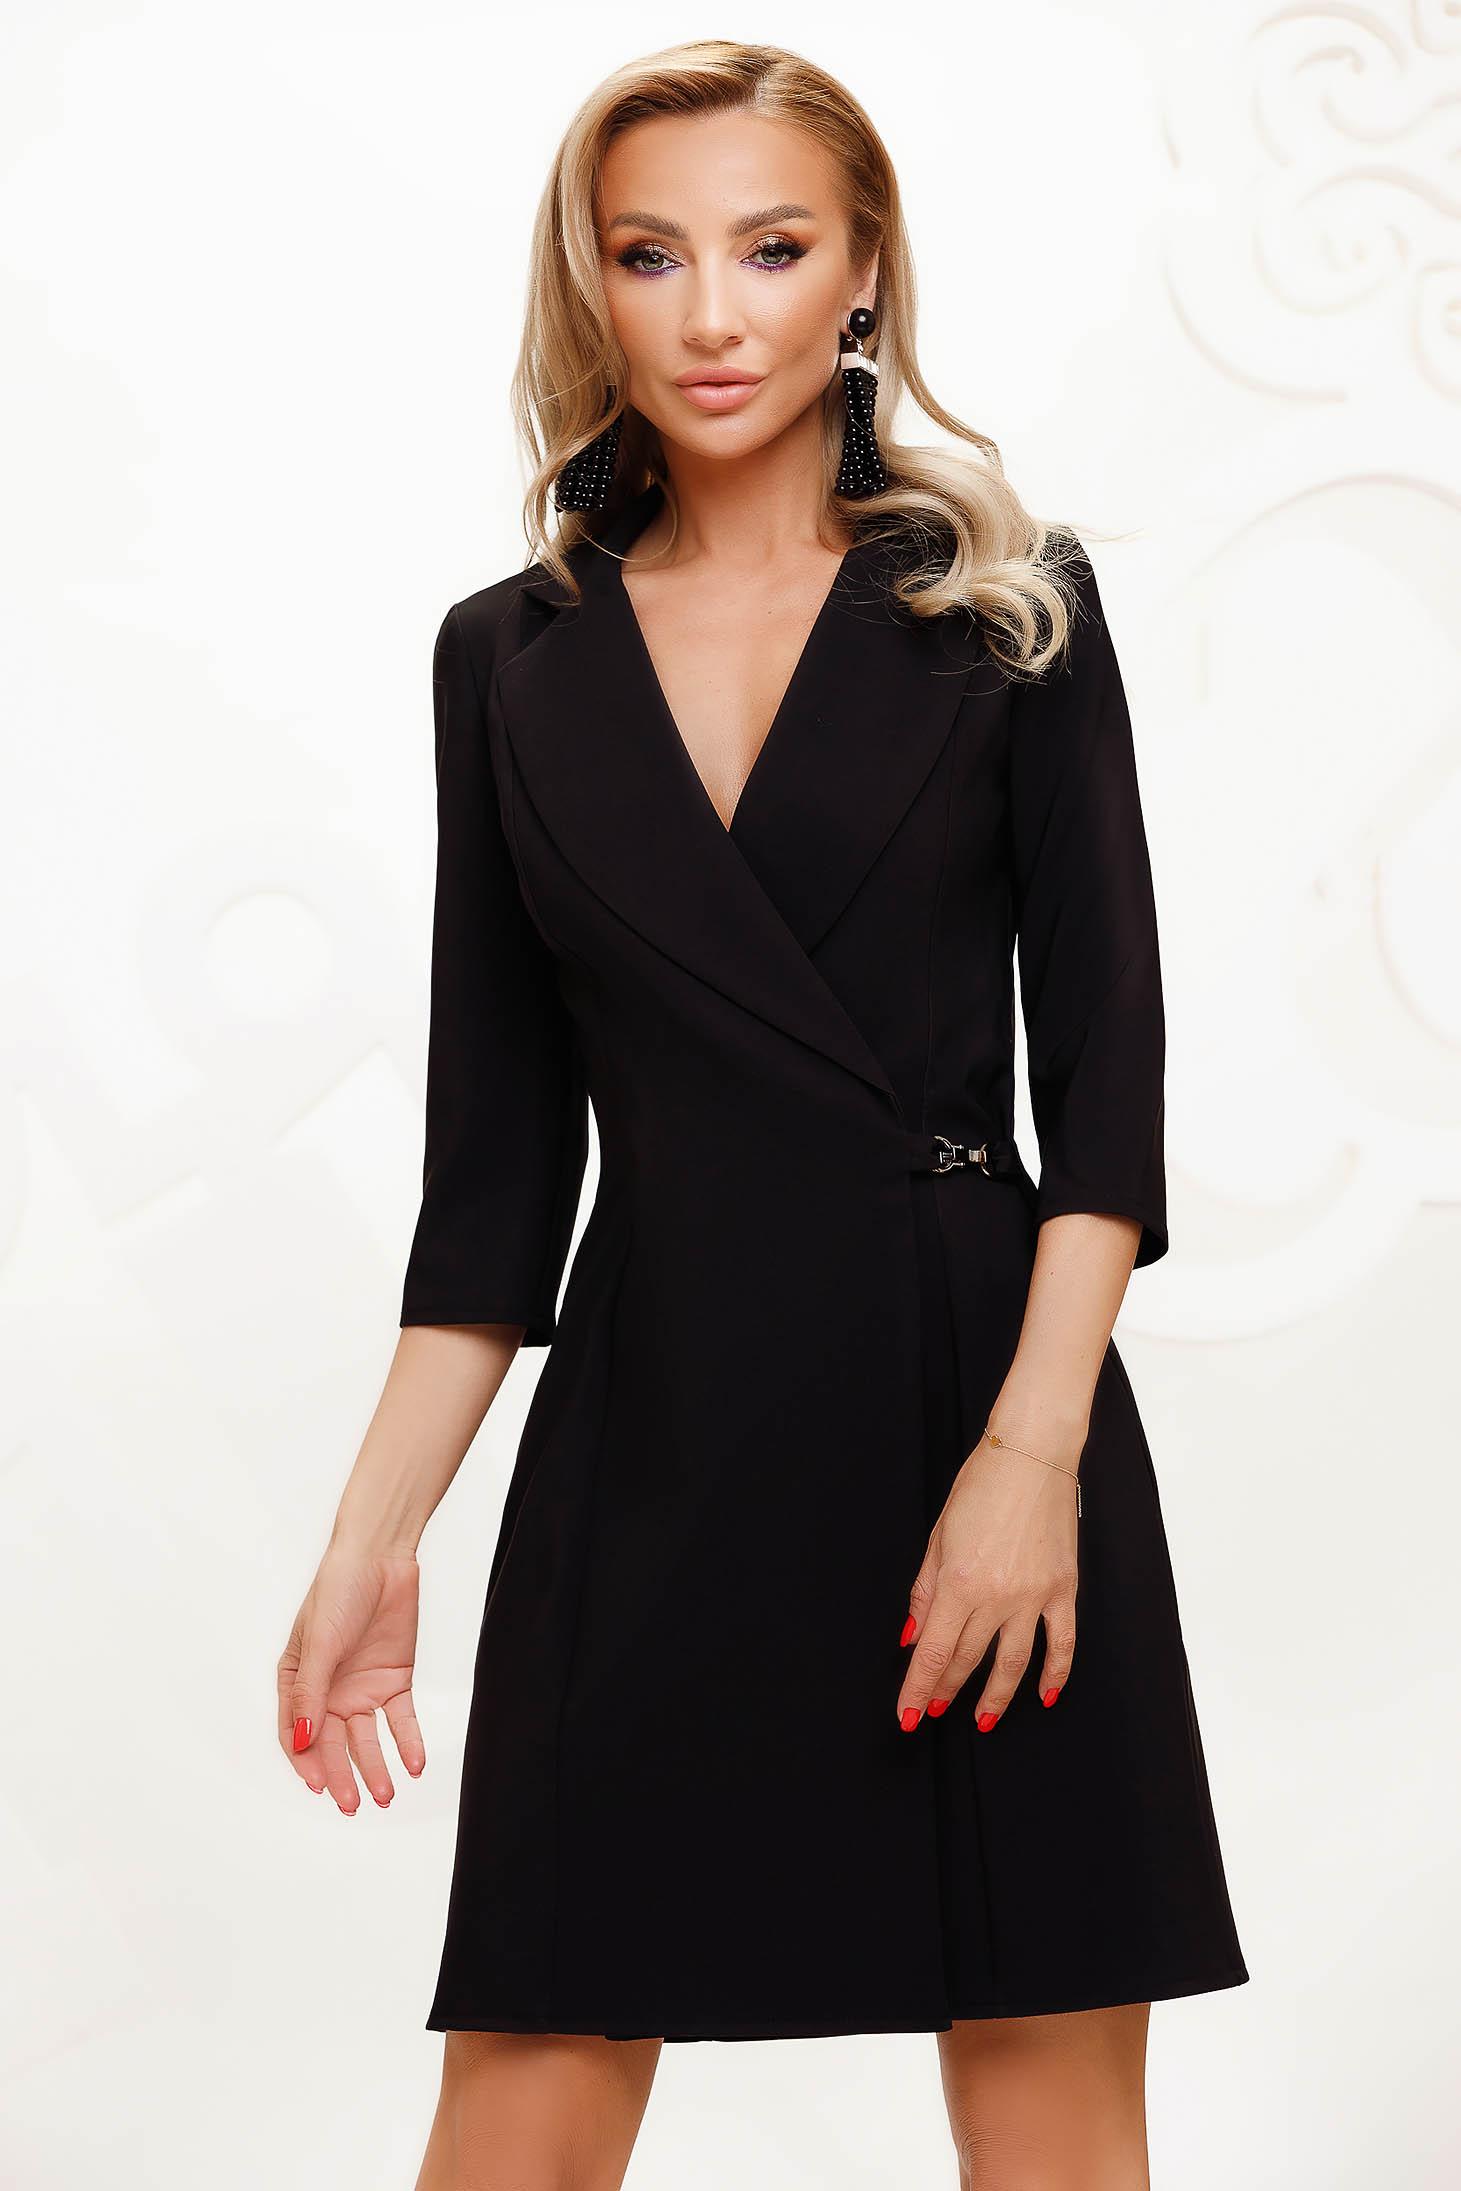 Rochie neagra cu croi in a eleganta scurta petrecuta din stofa material subtire